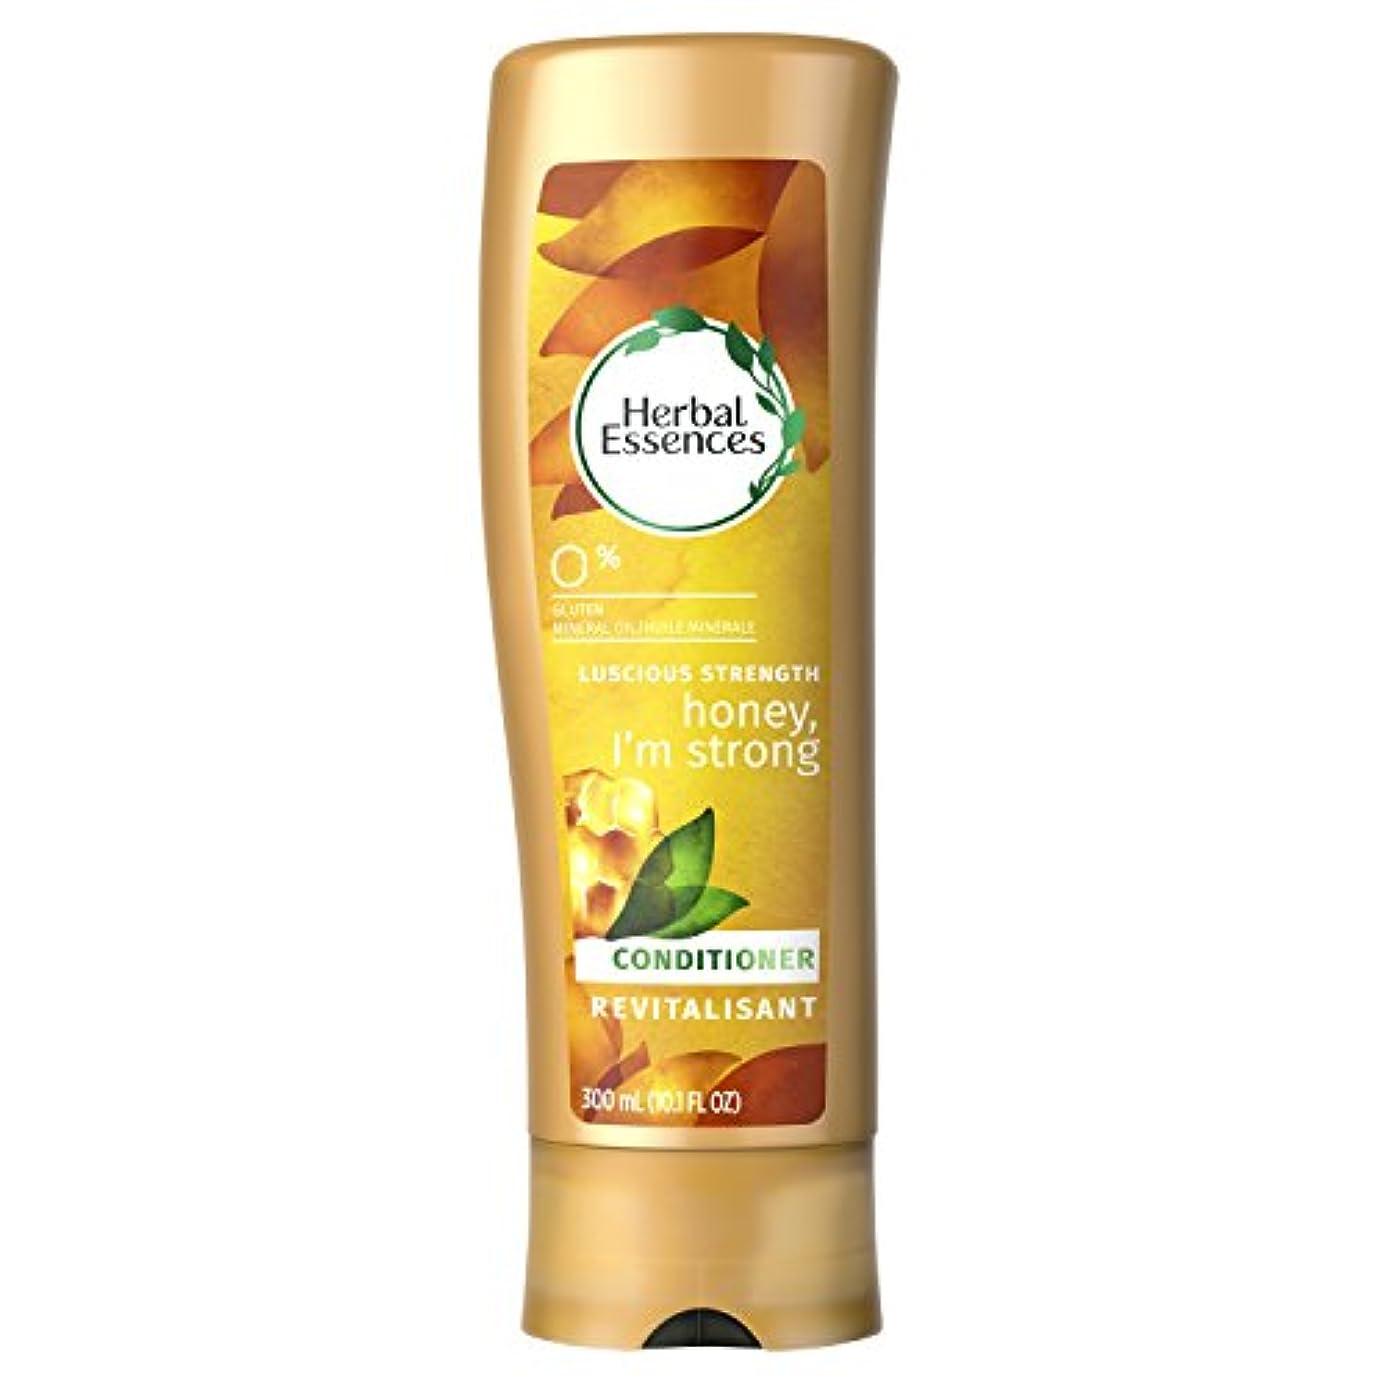 単調なわずらわしい動揺させるHerbal Essences Honey I'm Strong Strengthening Conditioner, 10.1 Fluid Ounce by Procter & Gamble - HABA Hub [並行輸入品]